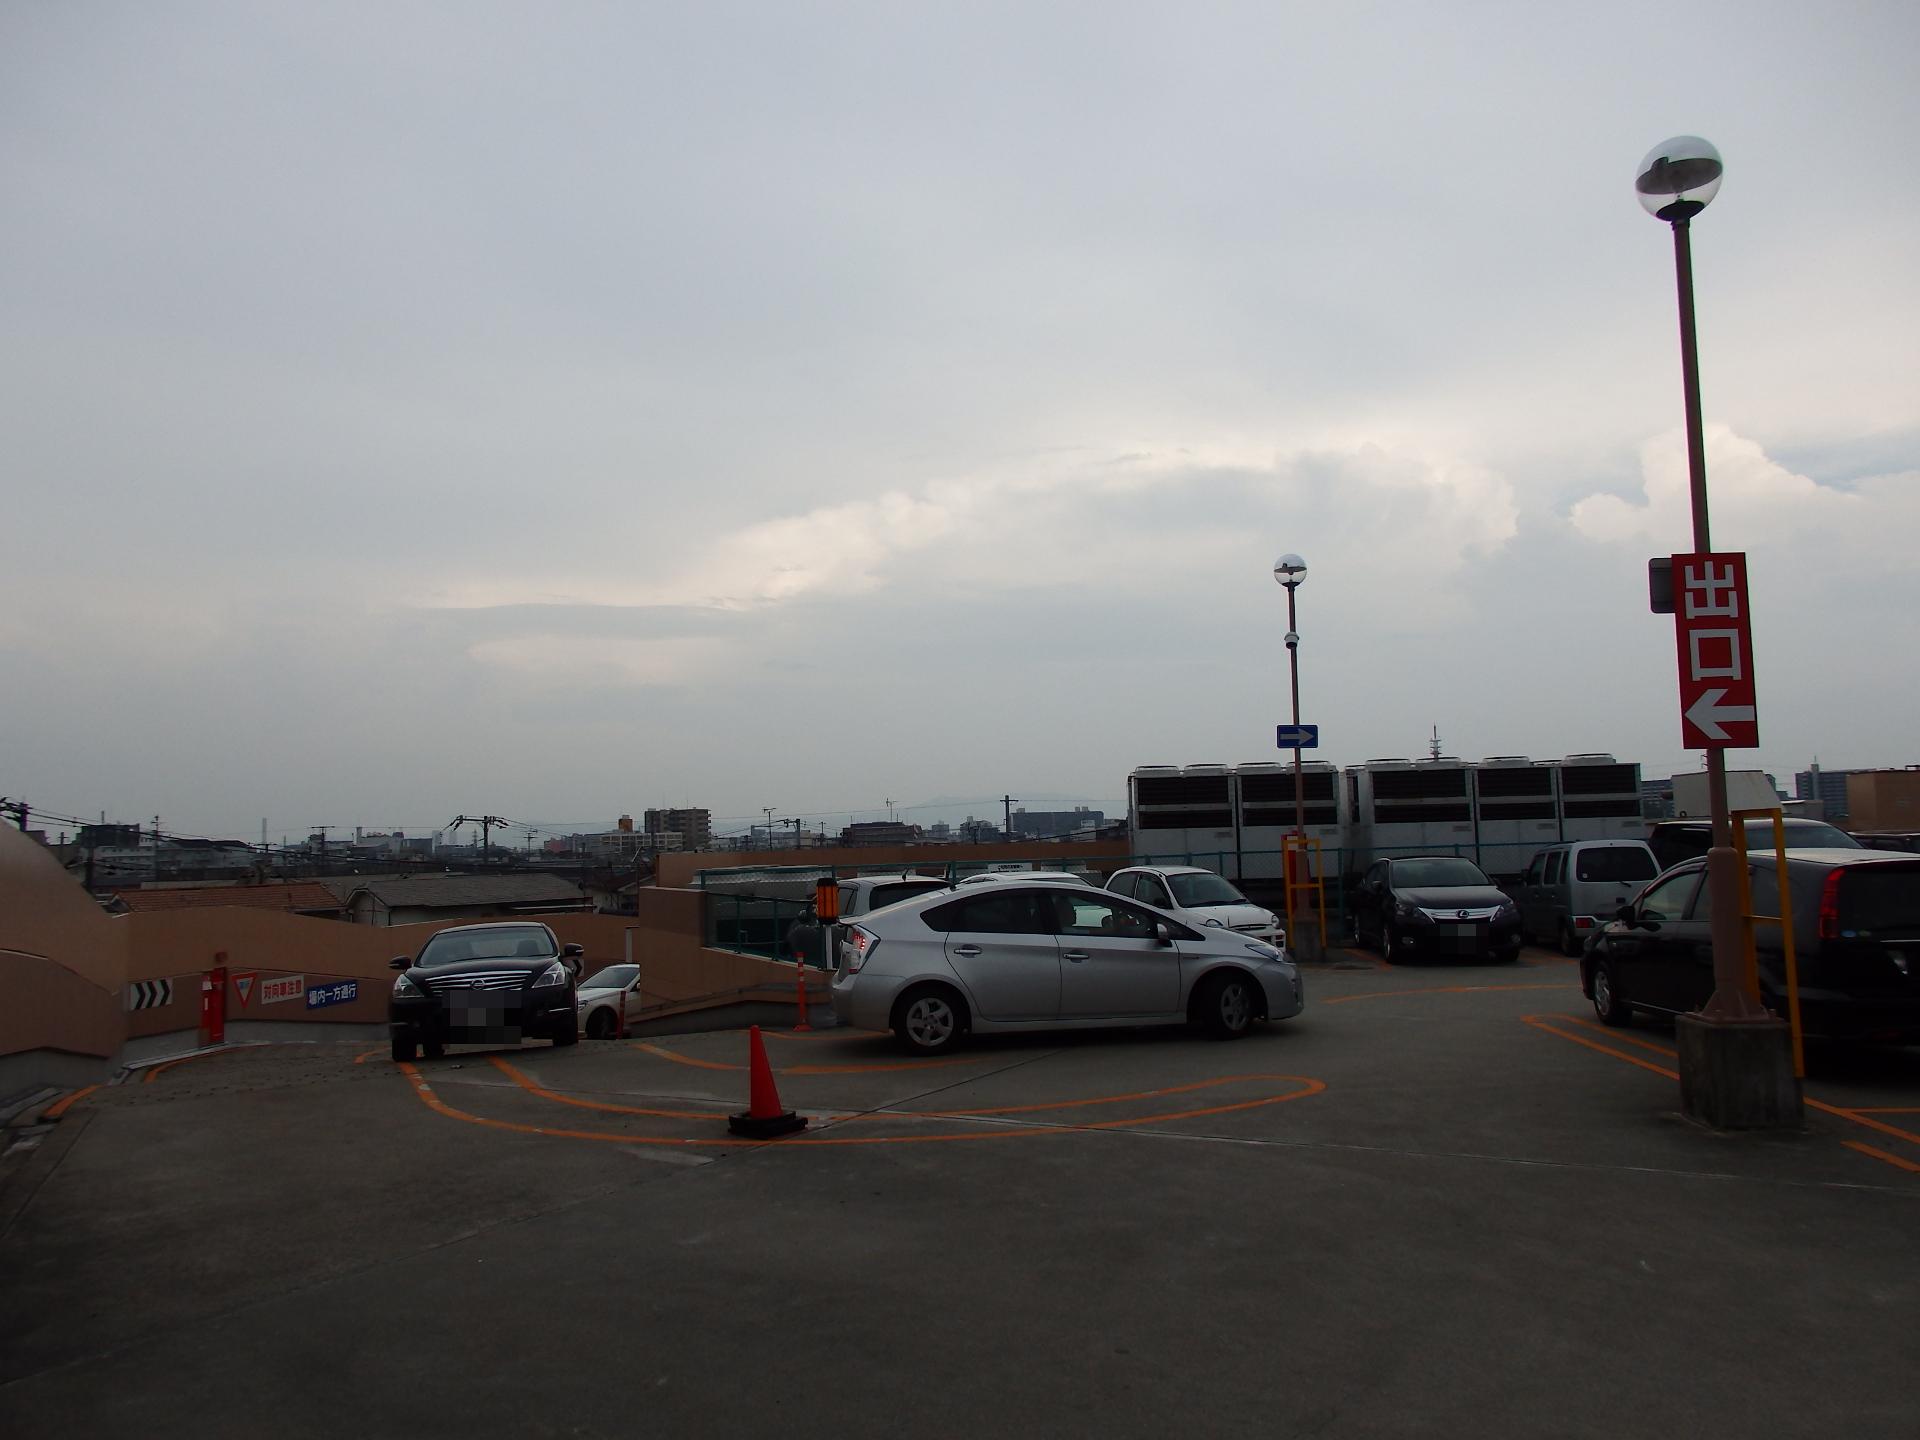 ライフ吹田店の駐車場待ち渋滞。